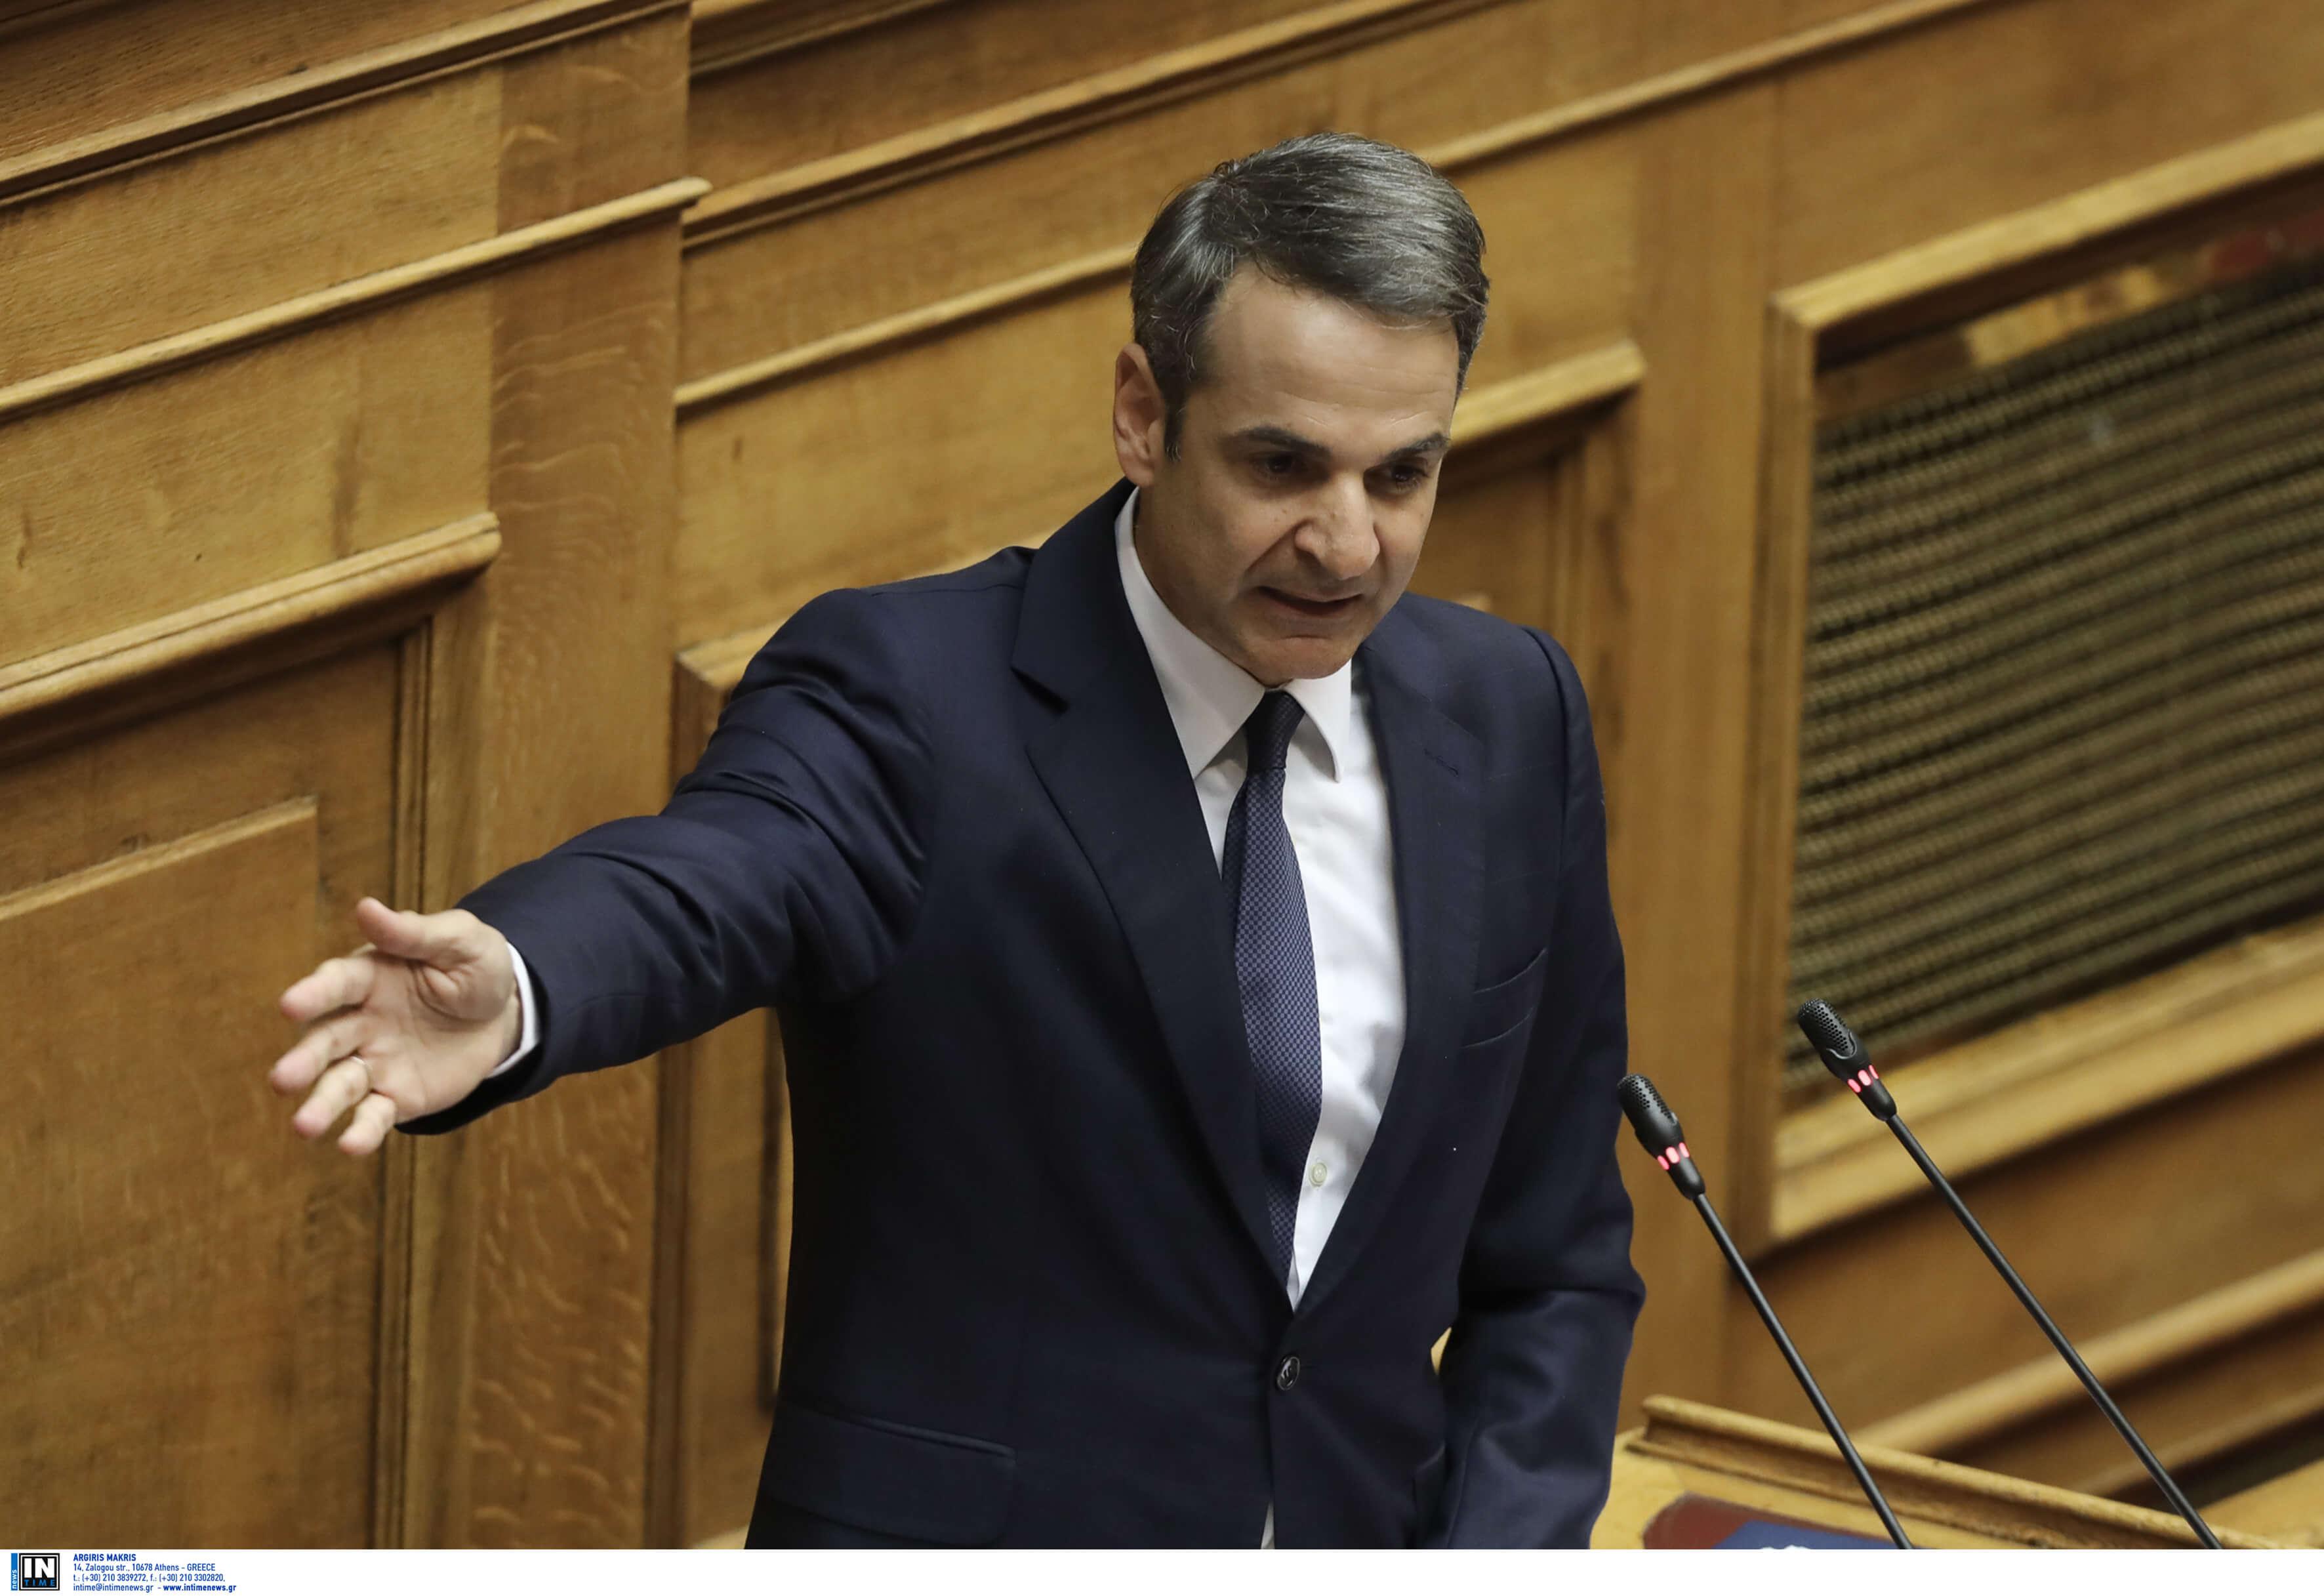 """Μητσοτάκης: Ο """"σκαφάτος"""" Τσίπρας, ο """"Πολακισμός"""" και η απάντηση στην πρόταση για debate"""